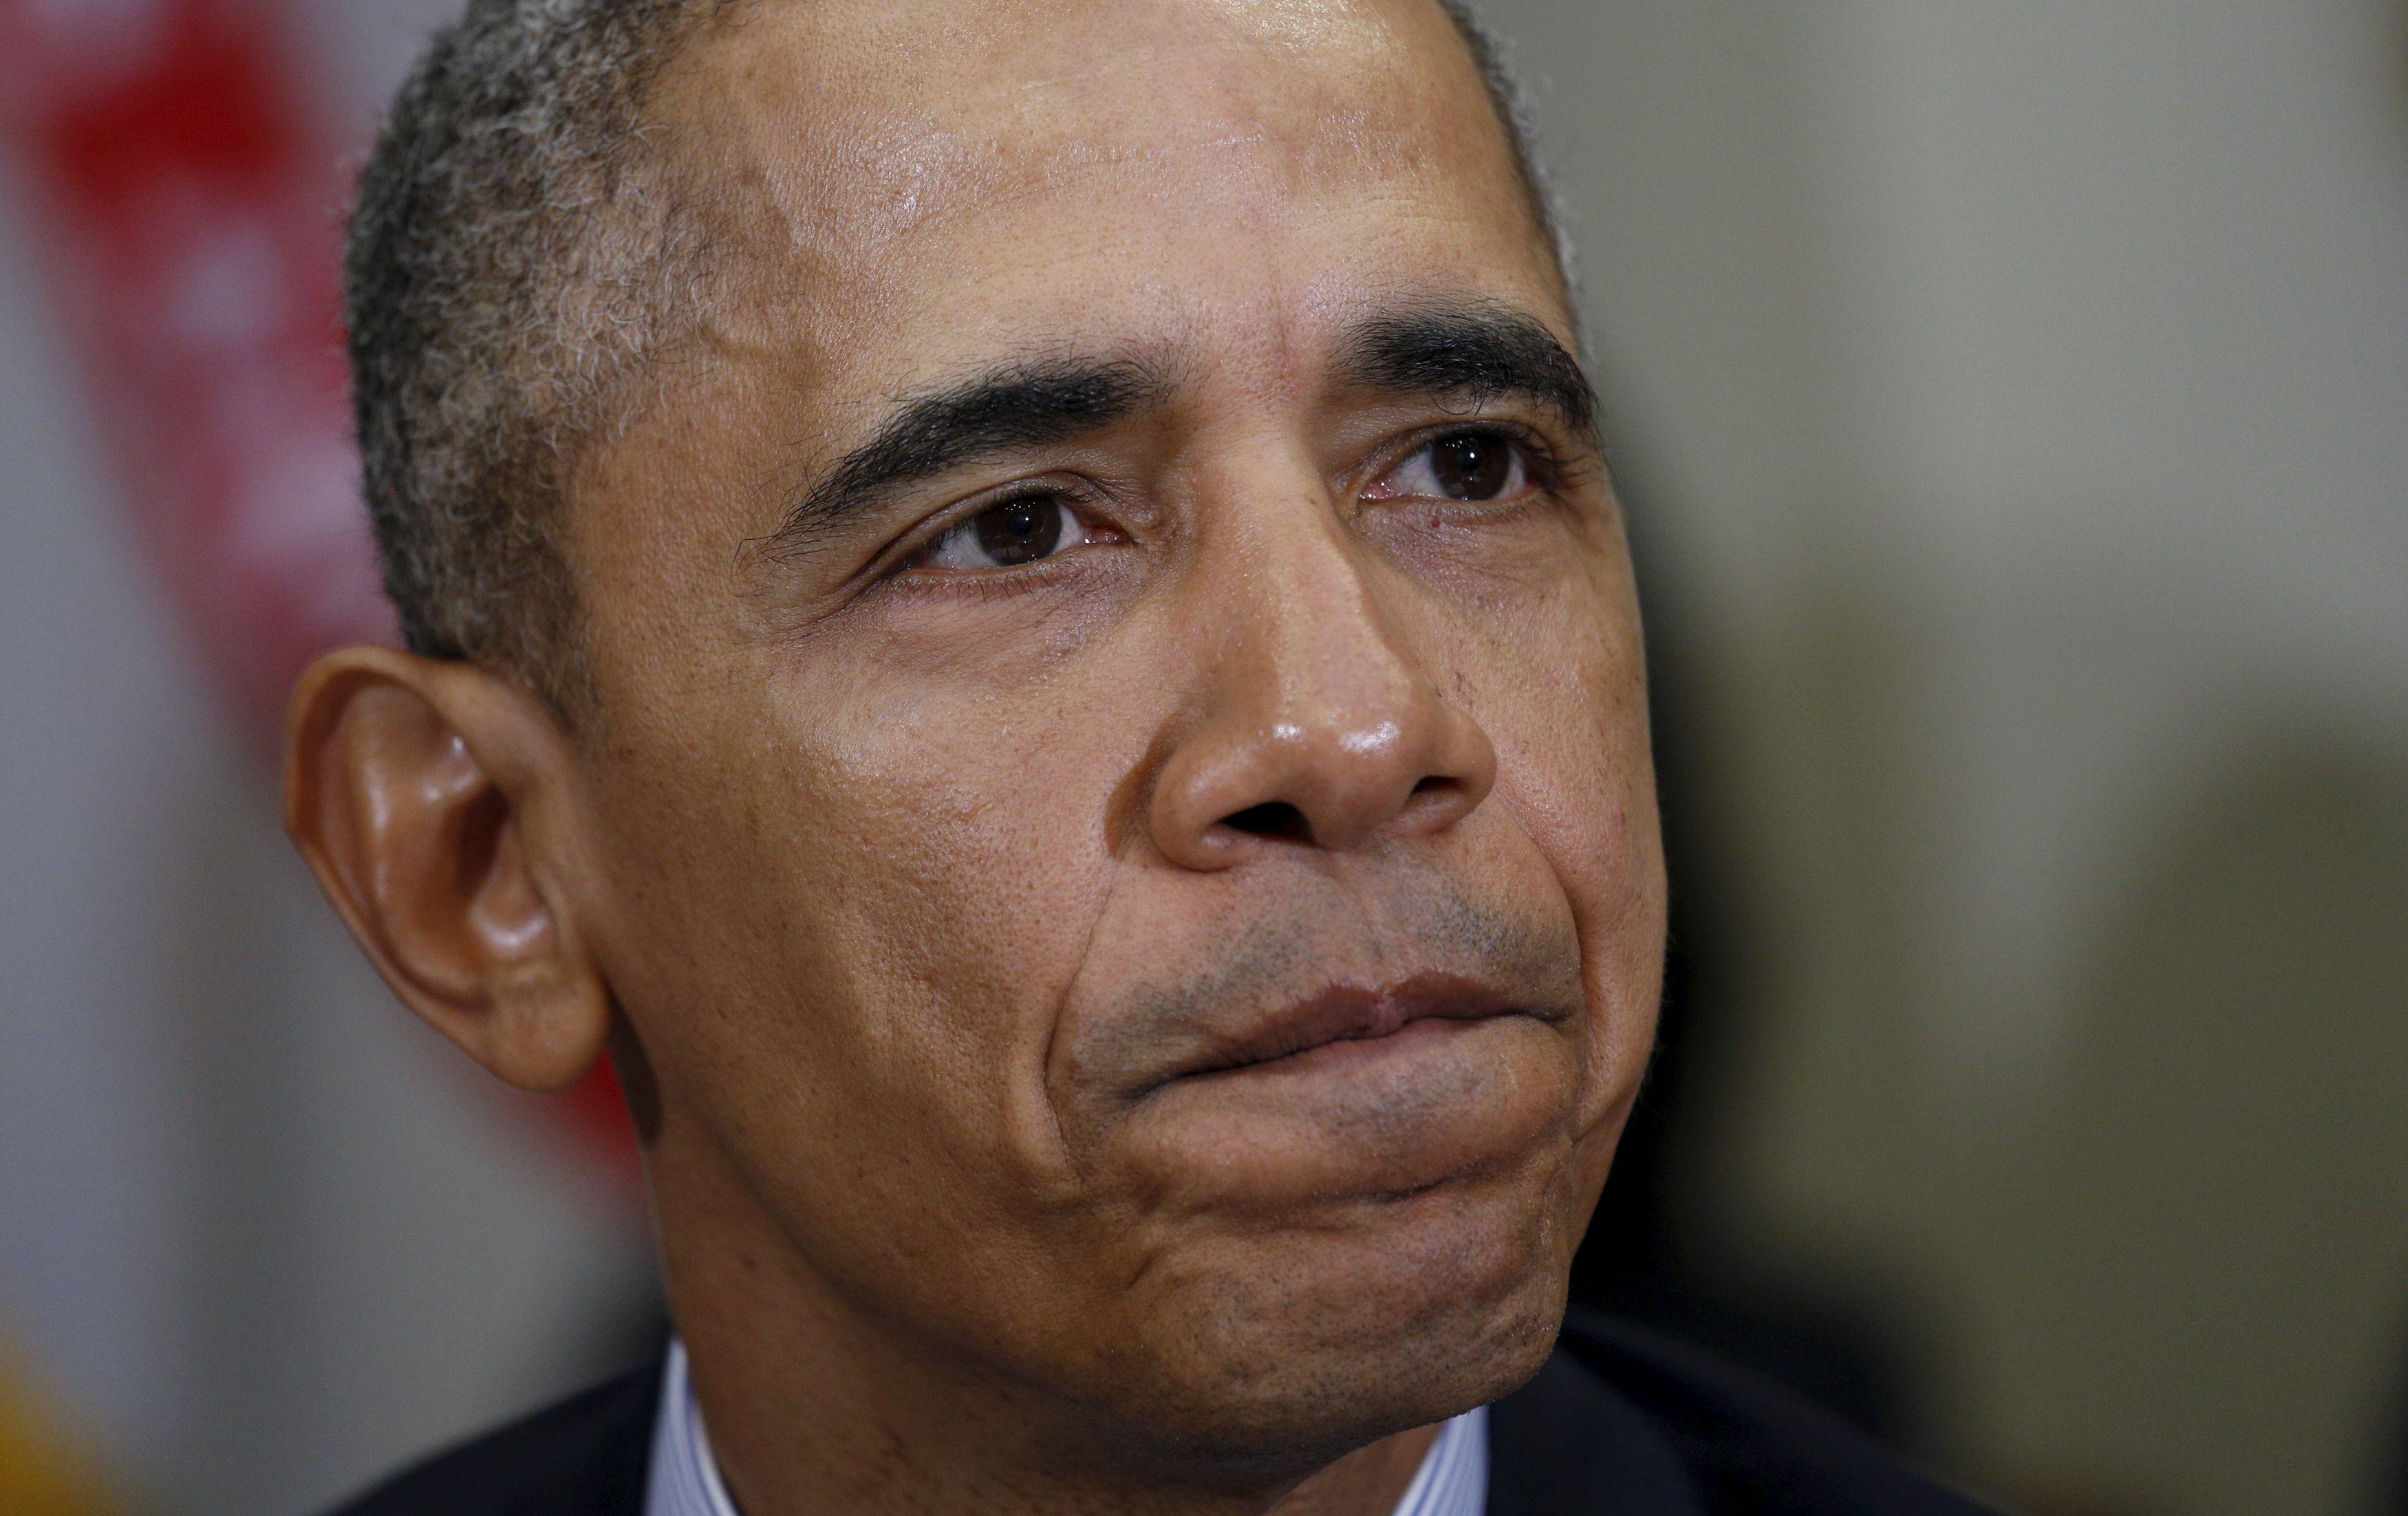 Guerre contre l'Etat islamique : deux officiers du renseignement américain renvoyés pour avoir critiqué les choix de l'administration Obama